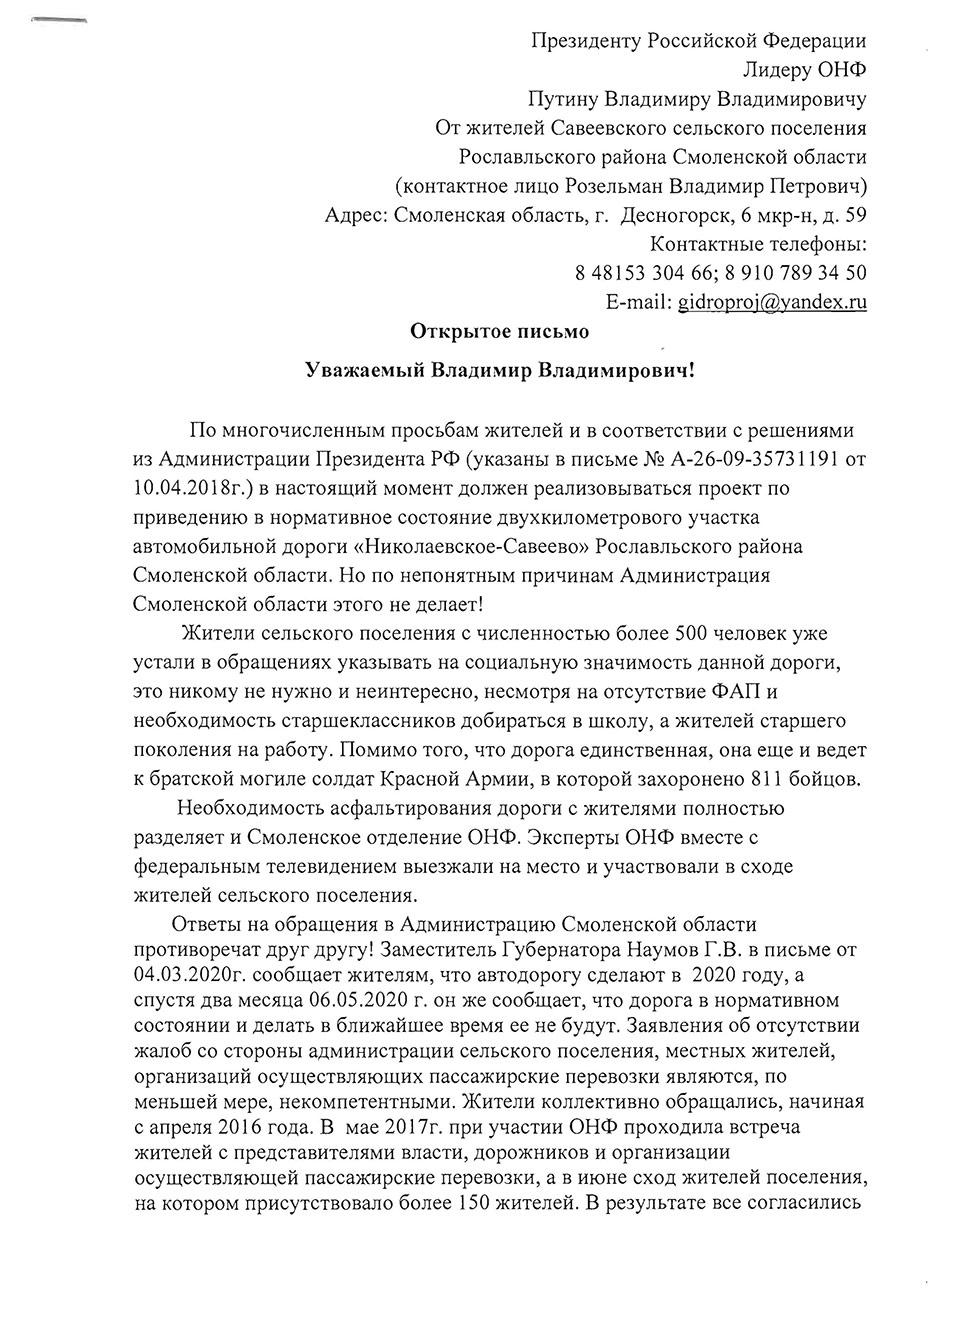 Открытое письмо Президенту Российской Федерации 1